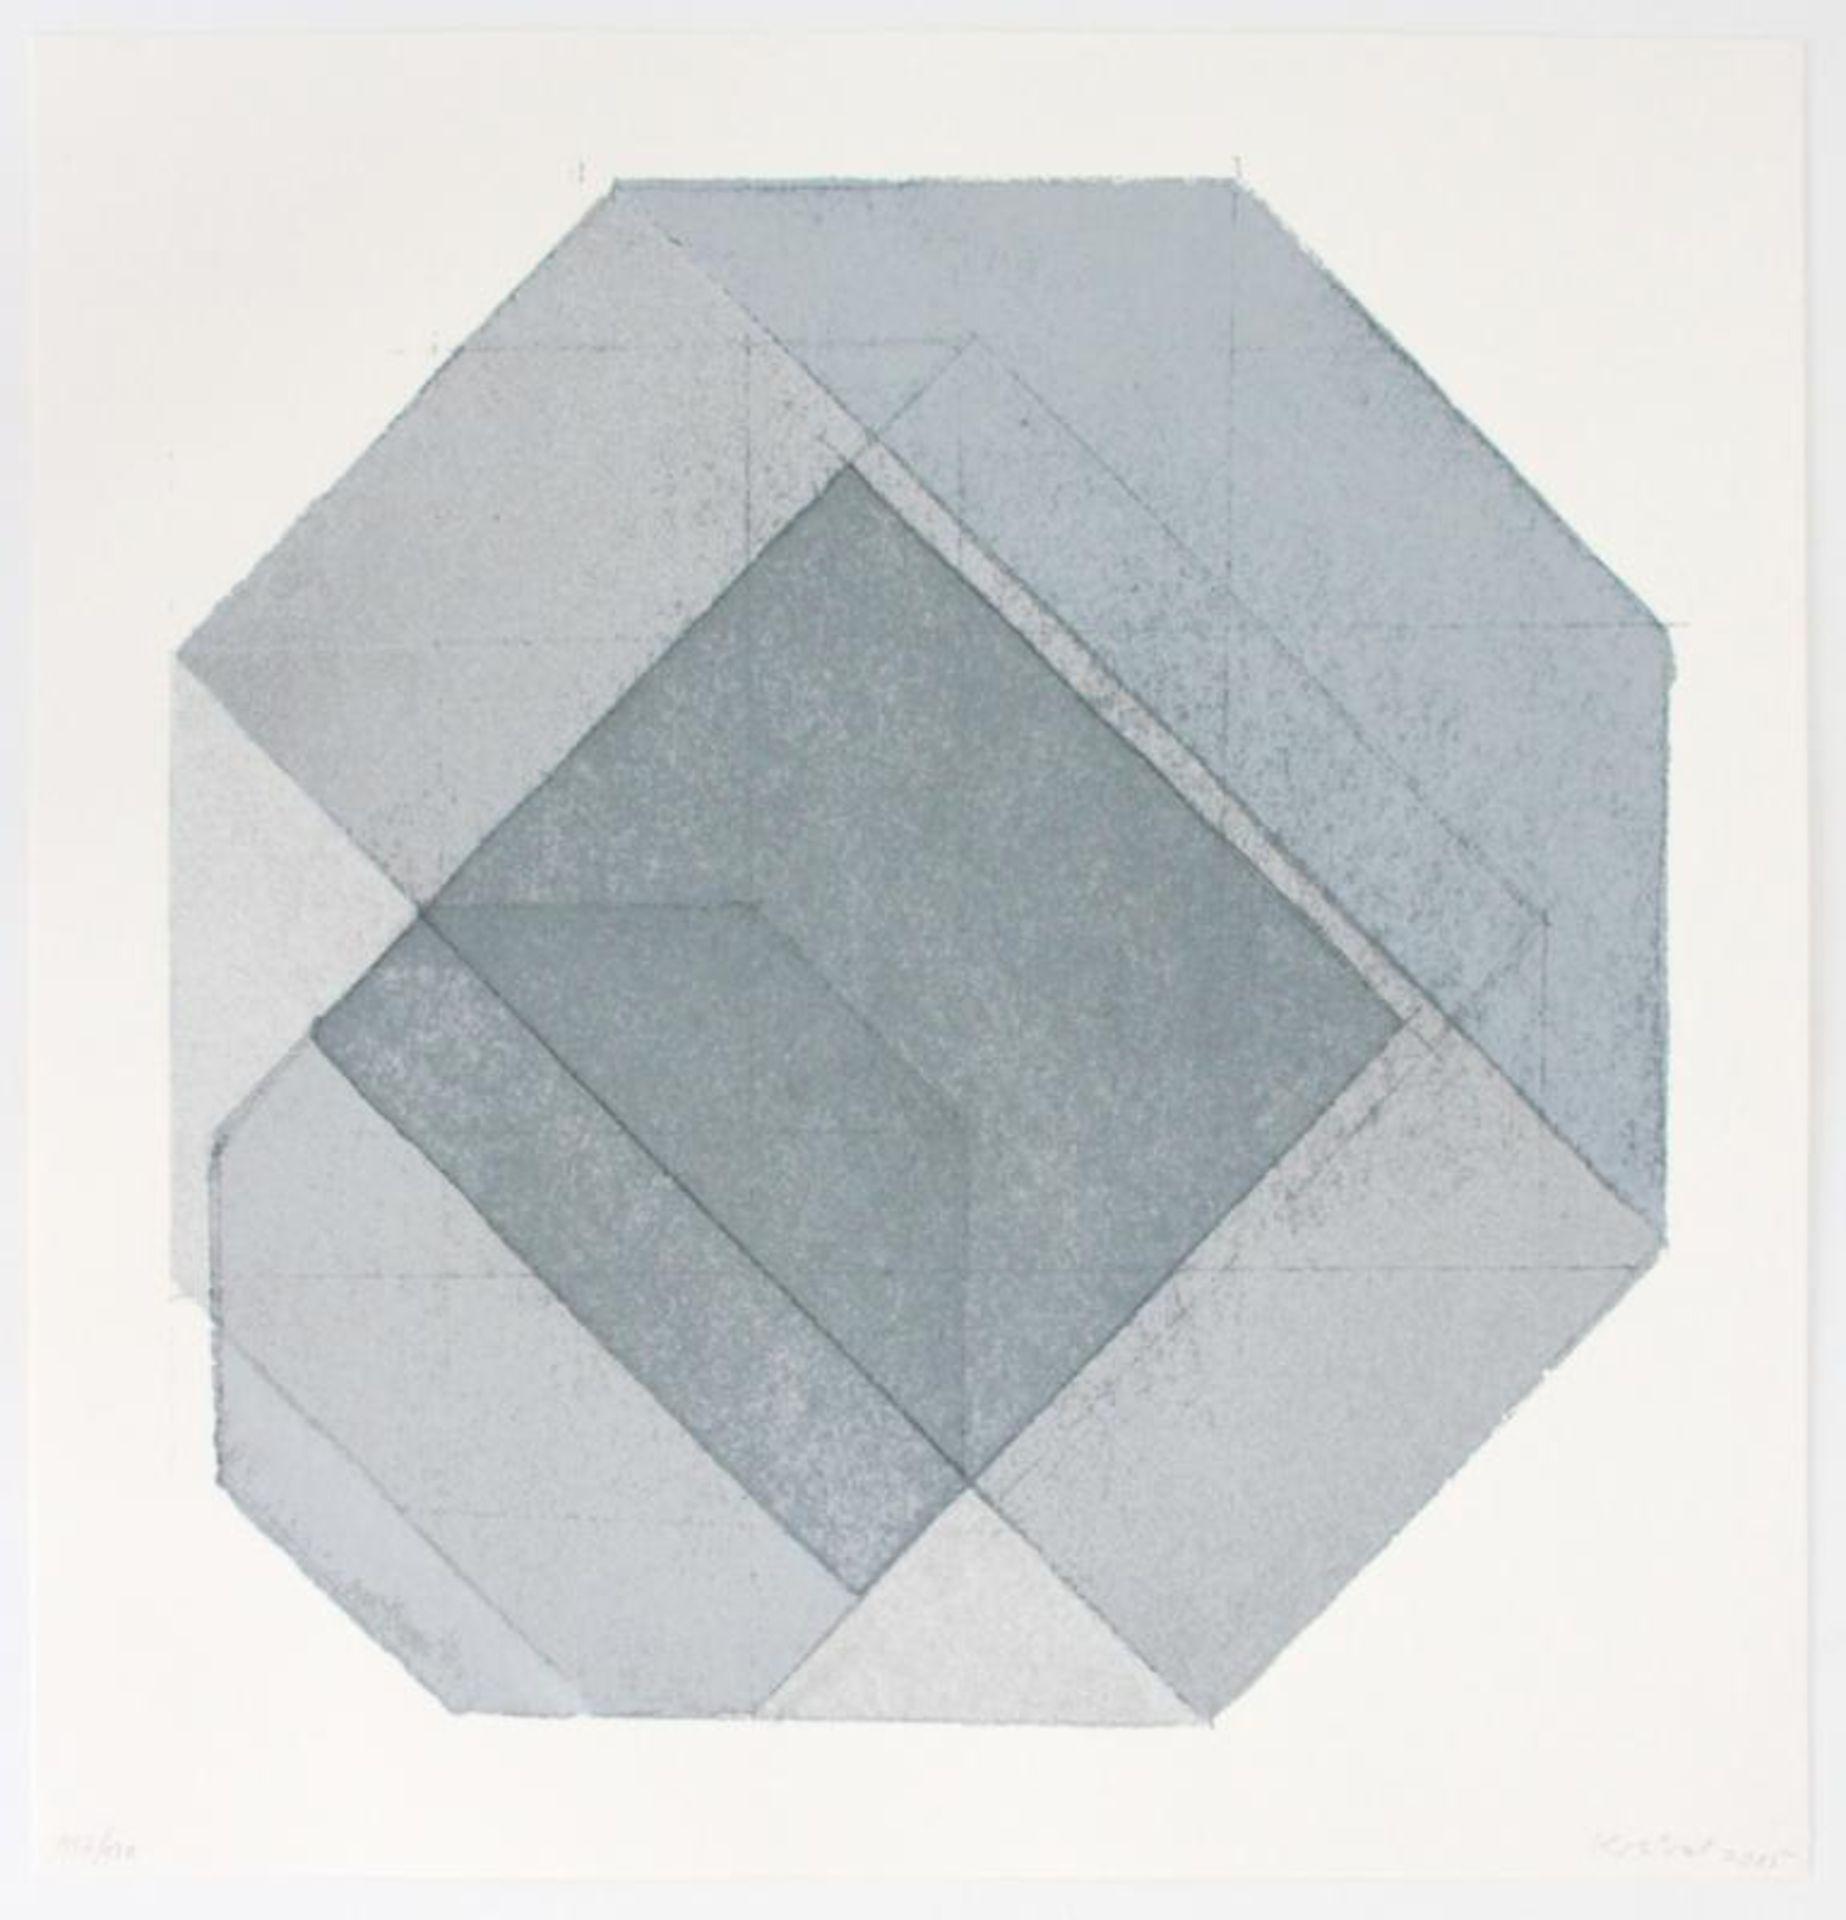 Kolibal Stanislav (geb. 1925) Ohne Titel 2005 Siebdruck handsigniert, datiert und nummeriert 117/